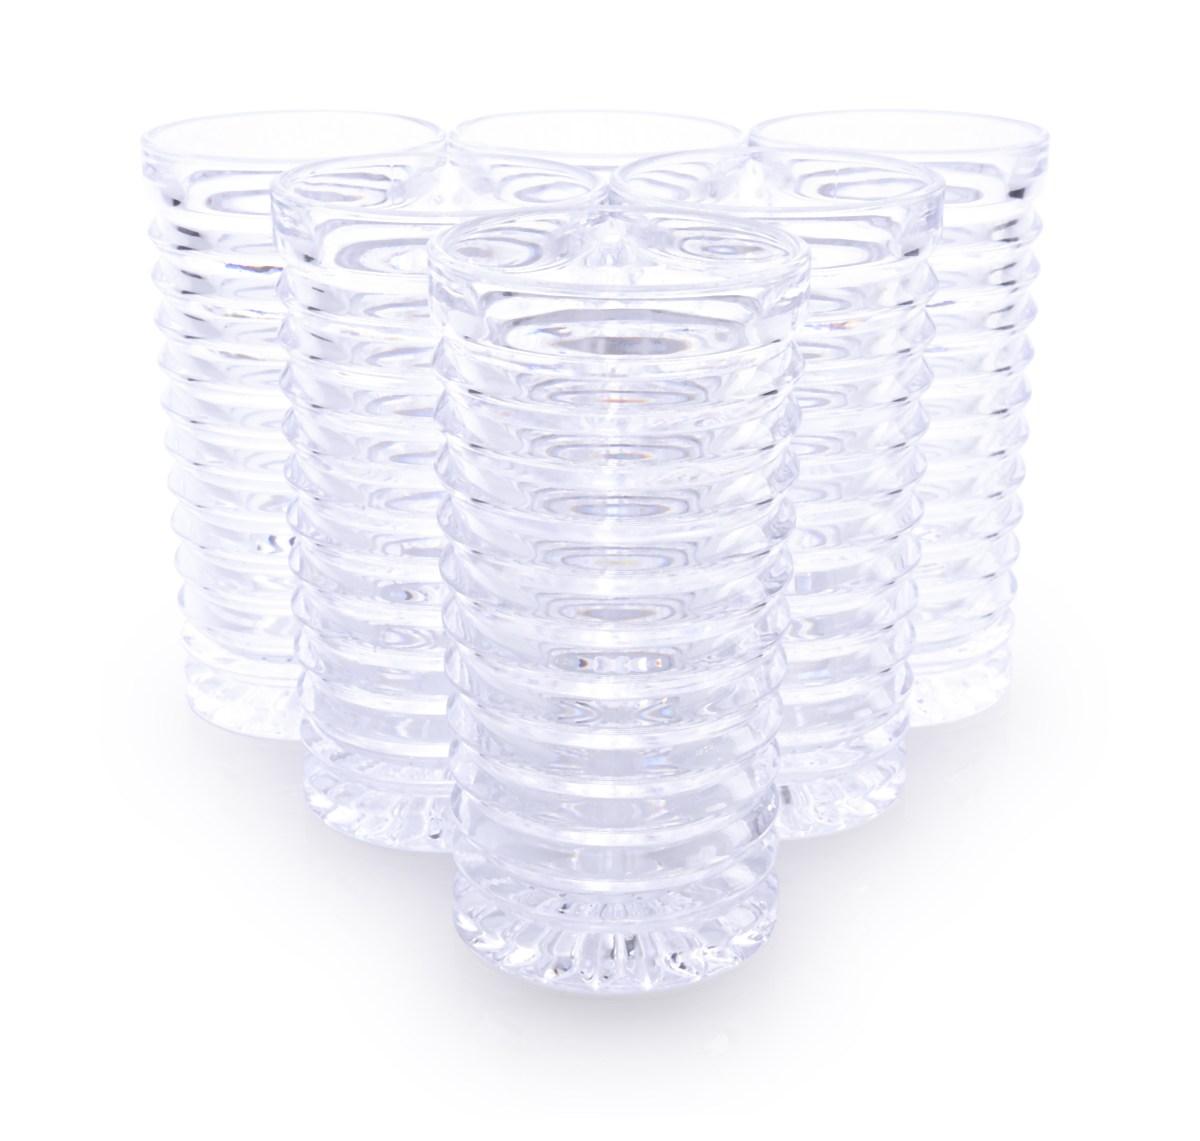 6 ks sada sklenice SPIRAL objem 260 ml výška 13,5 cm